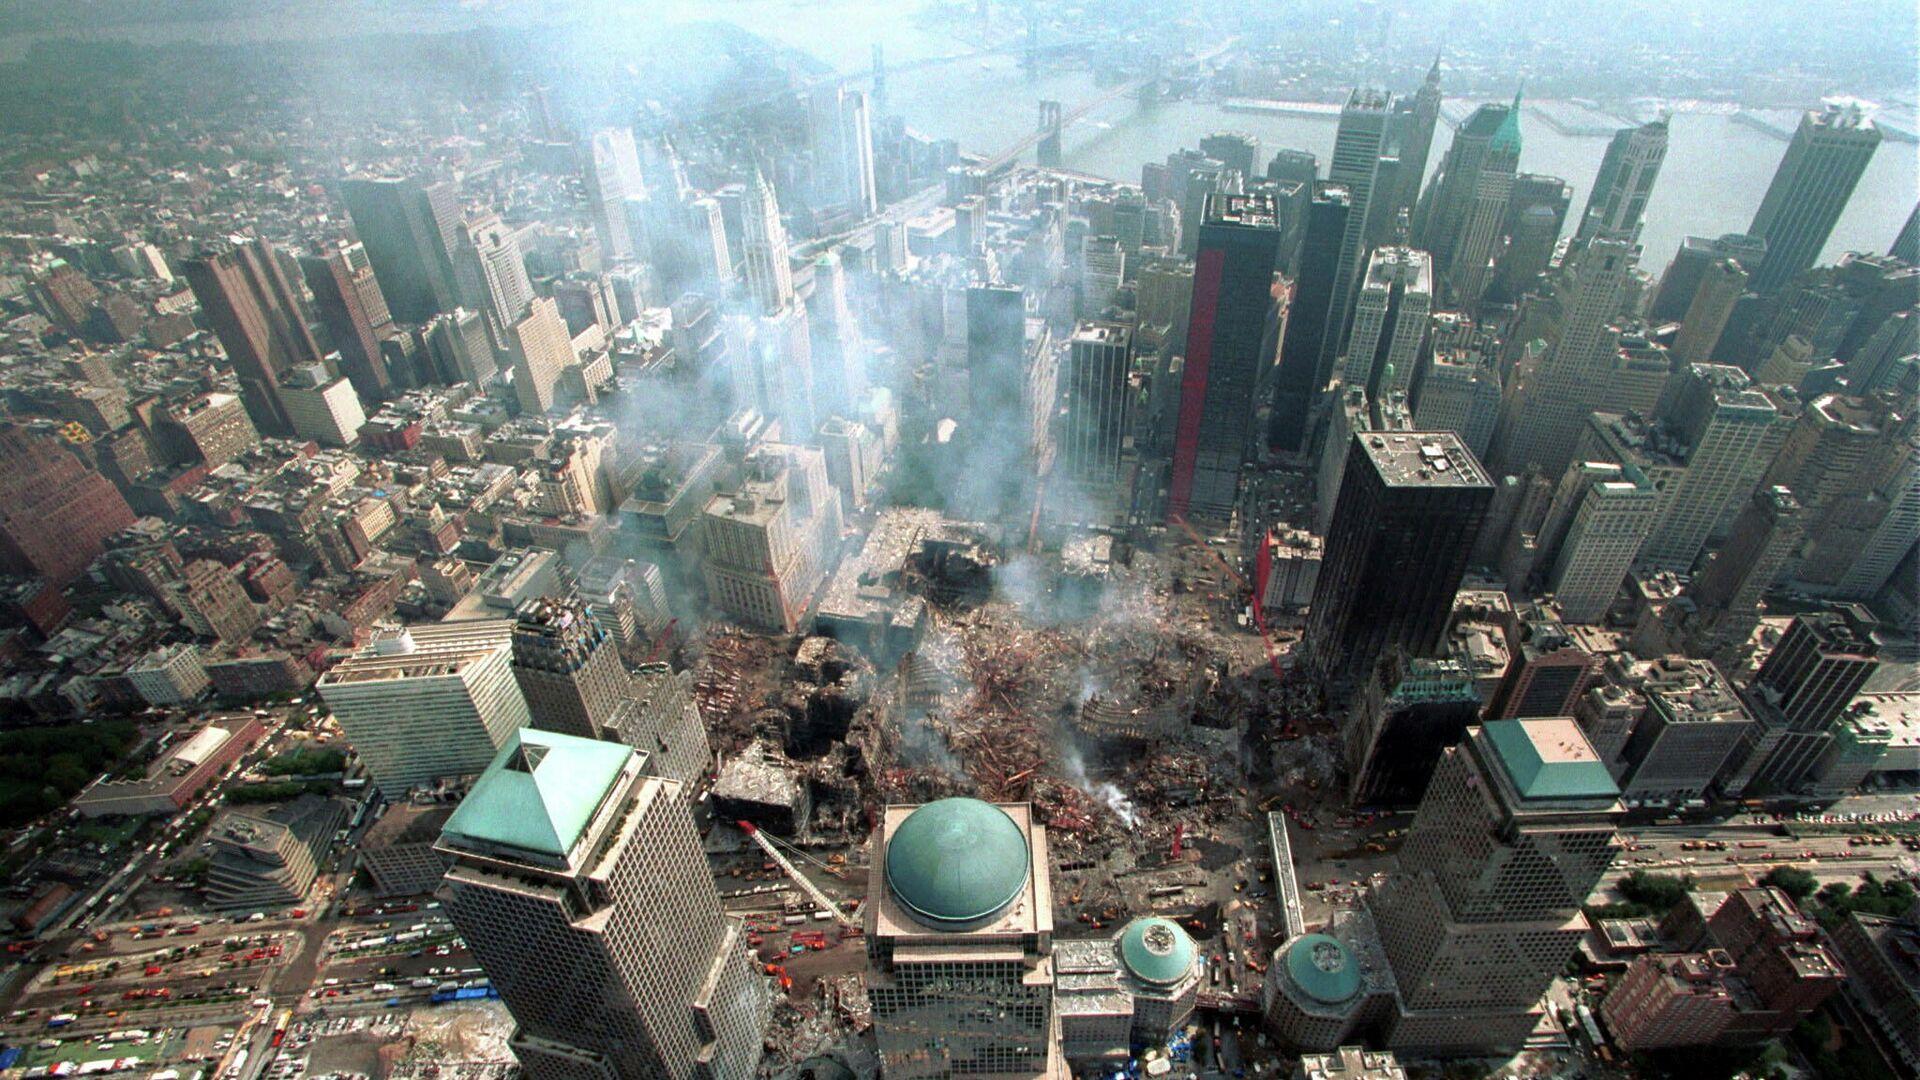 На месте теракта 11 сентября 2001 в Нью-Йорке - РИА Новости, 1920, 11.09.2021